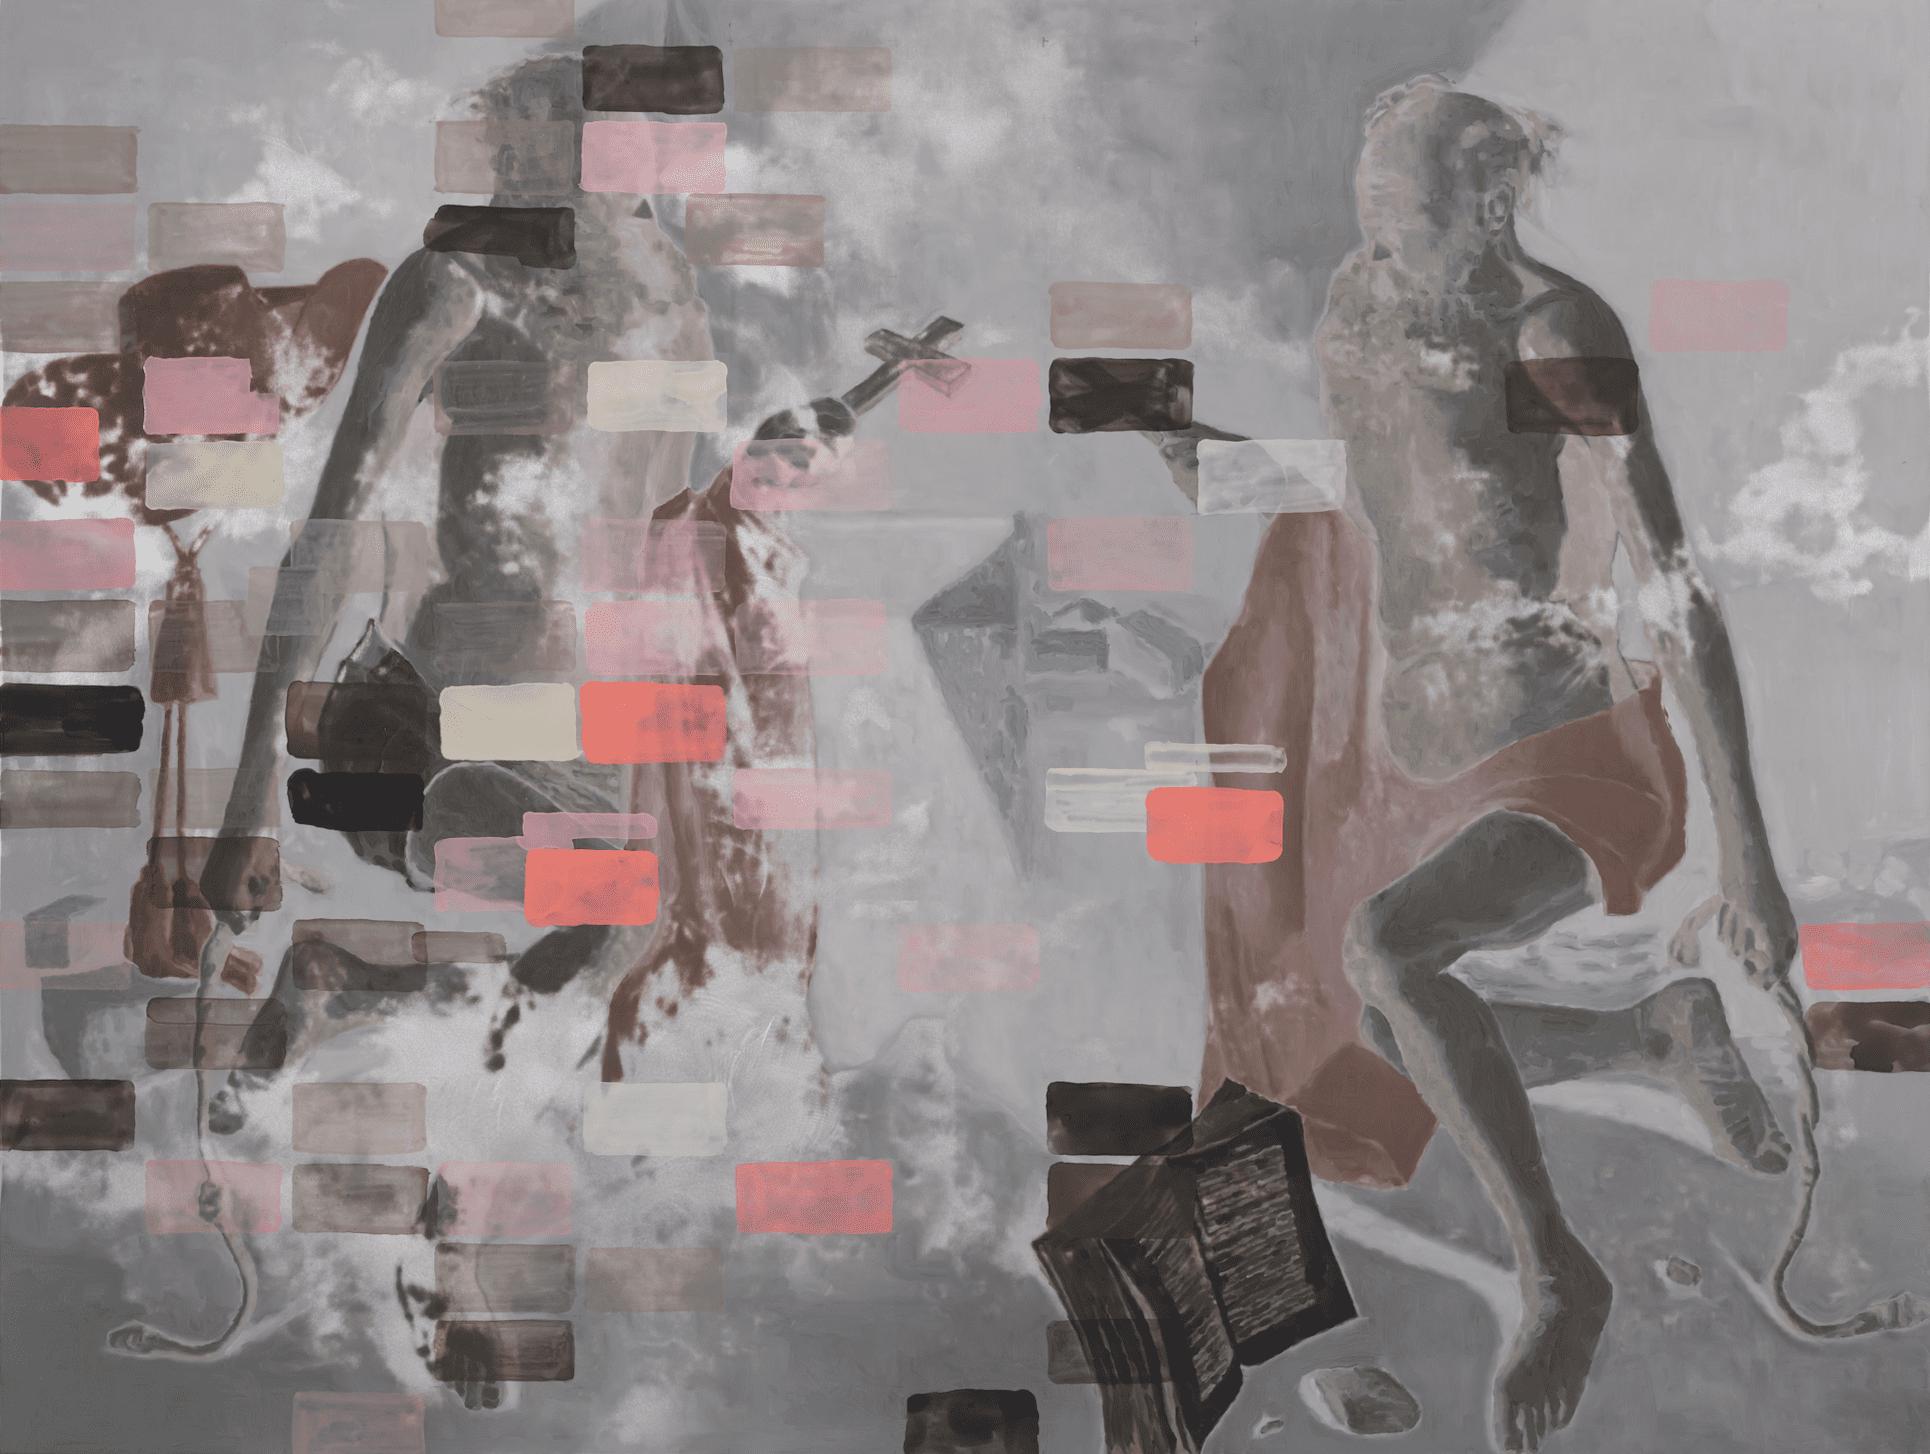 Medardo Rosso, Morandi, Ziegler e Paolini. Il contemporaneo incontra i grandi maestri da Tommaso Calabro